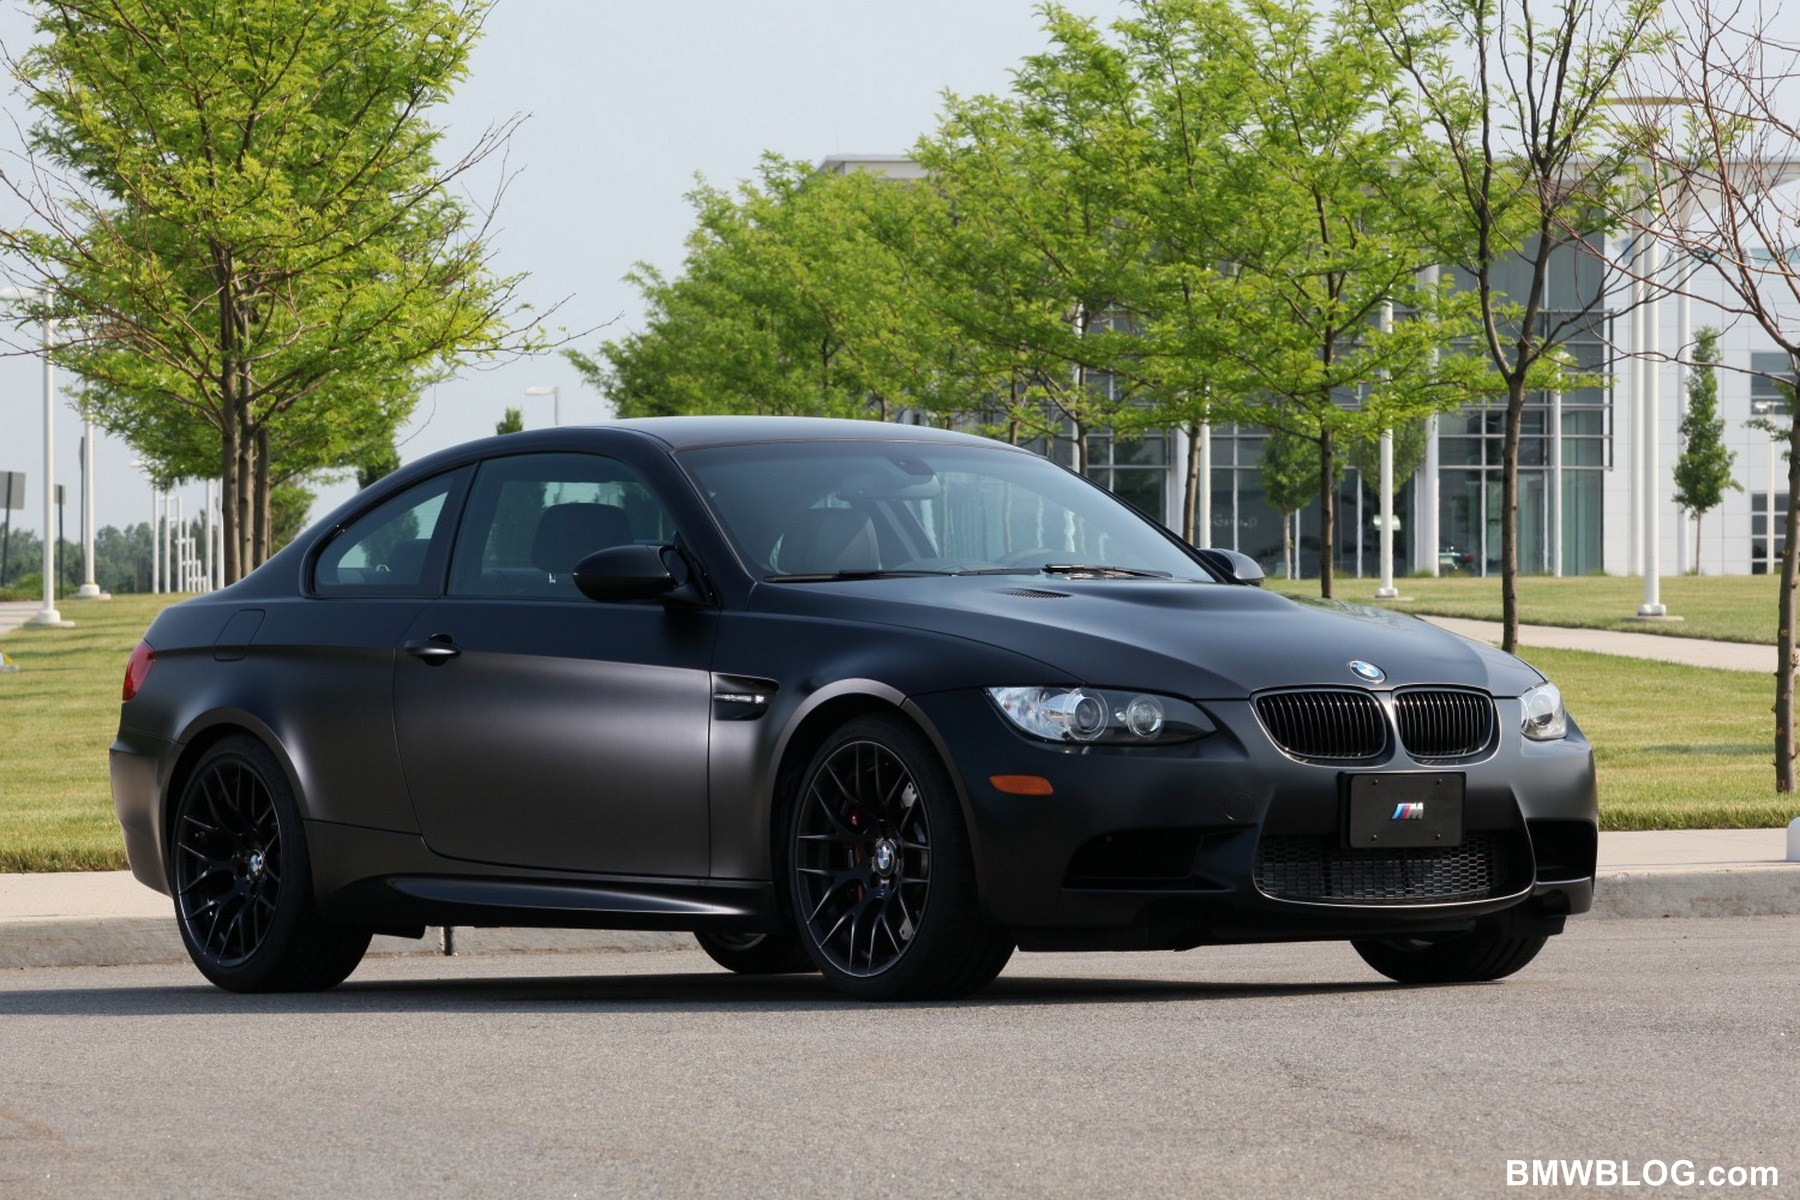 2011 BMW Frozen Black Edition M3 Coupe 05